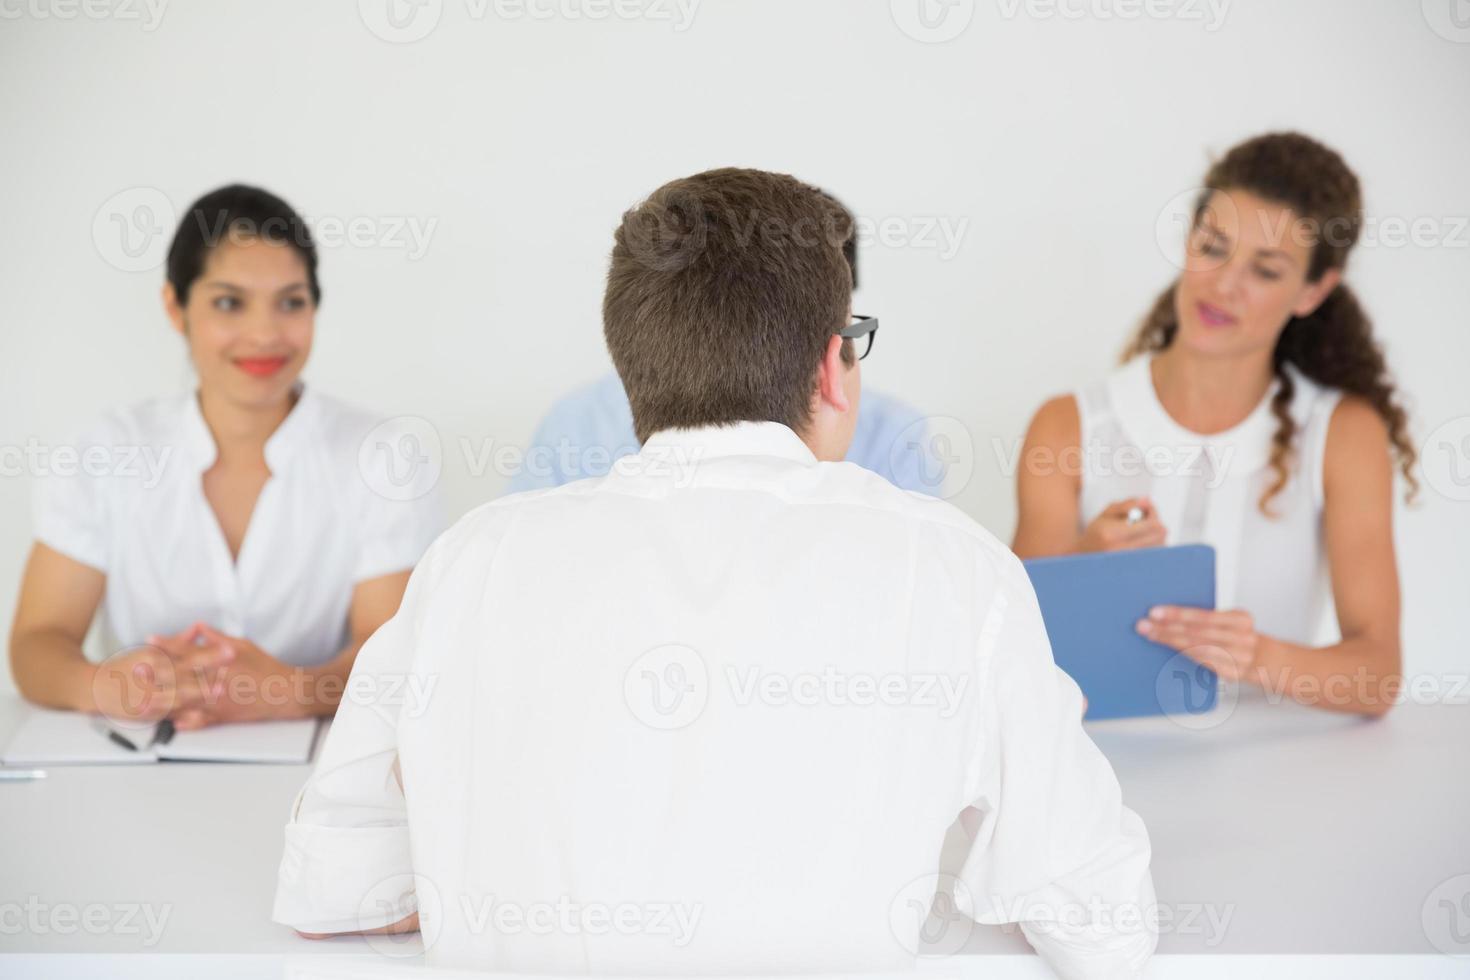 man wordt geïnterviewd door mensen uit het bedrijfsleven foto